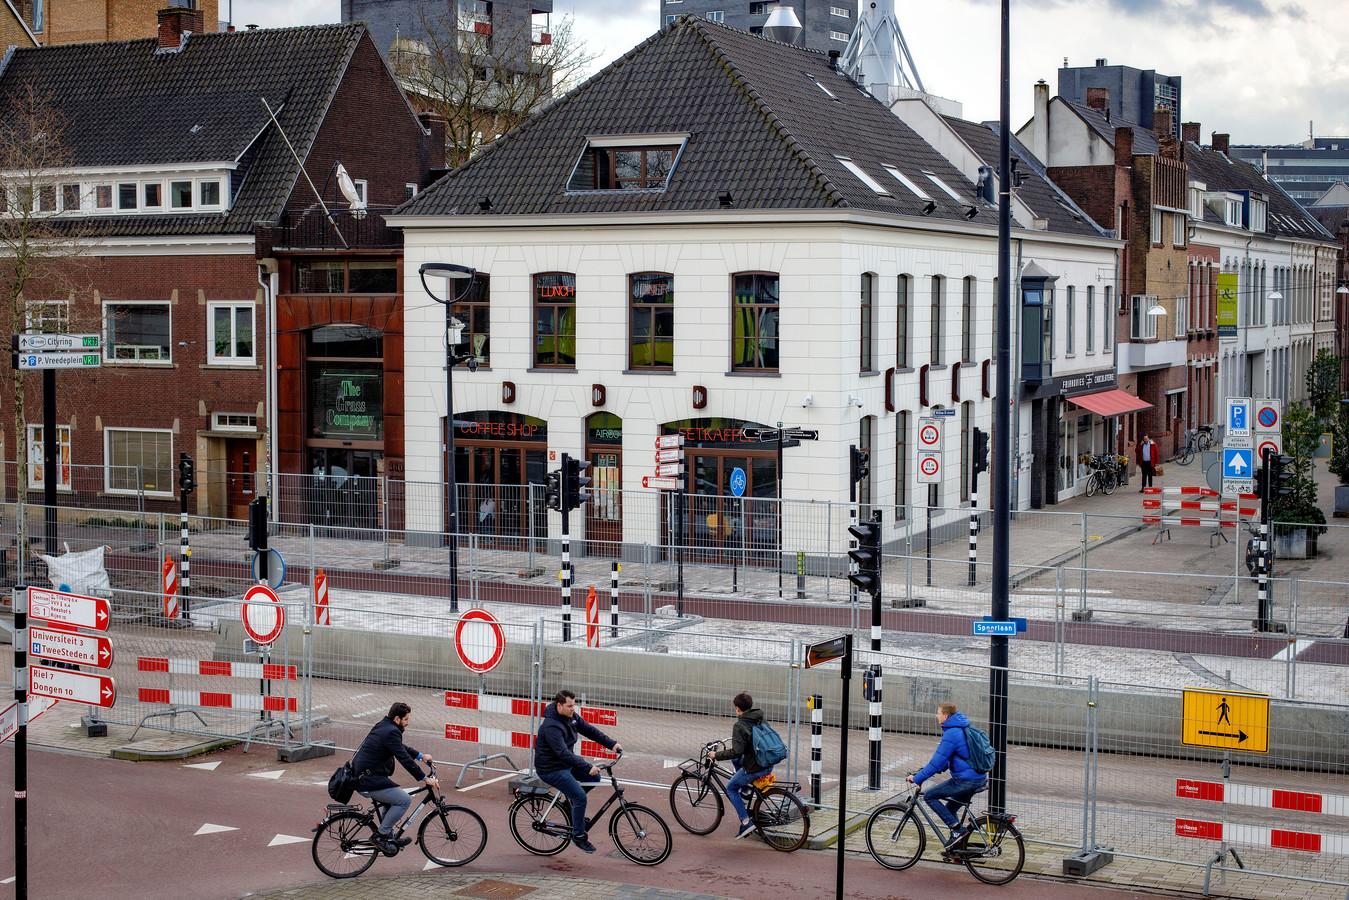 De coffeeshop van The Grass Company aan de Spoorlaan in Tilburg